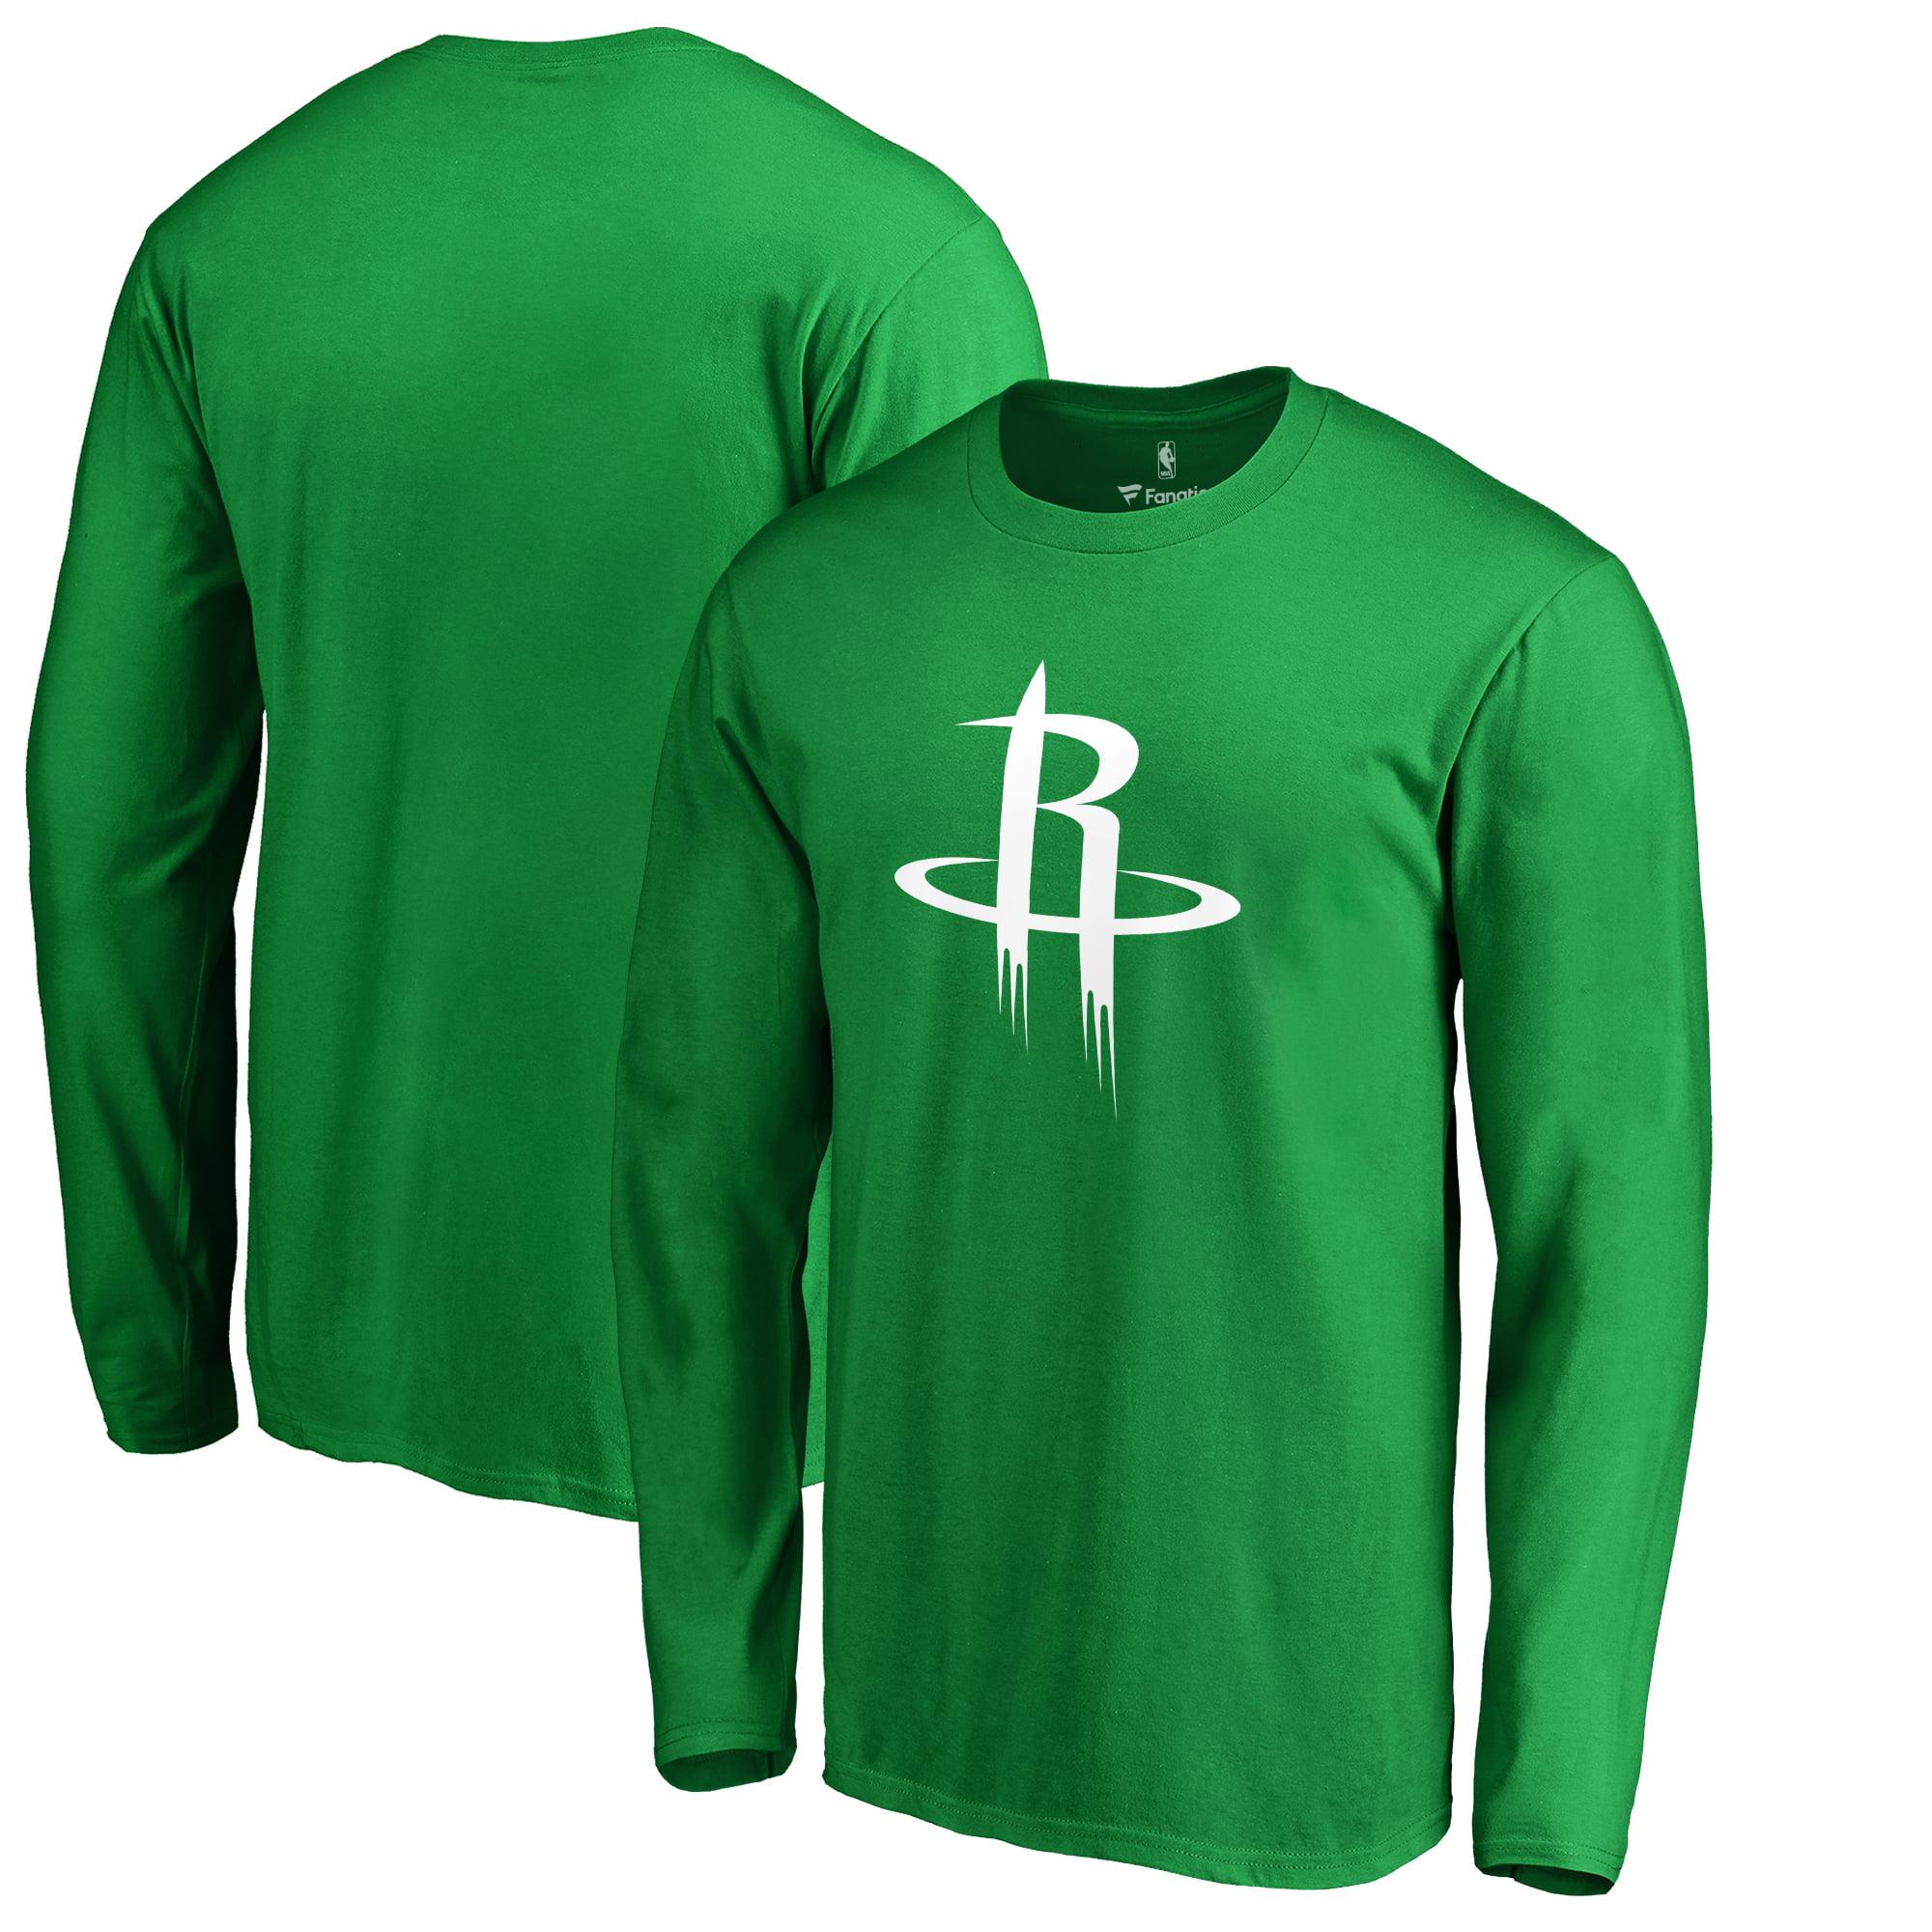 Houston Rockets Fanatics Branded St. Patrick's Day White Logo Long Sleeve T-Shirt - Kelly Green